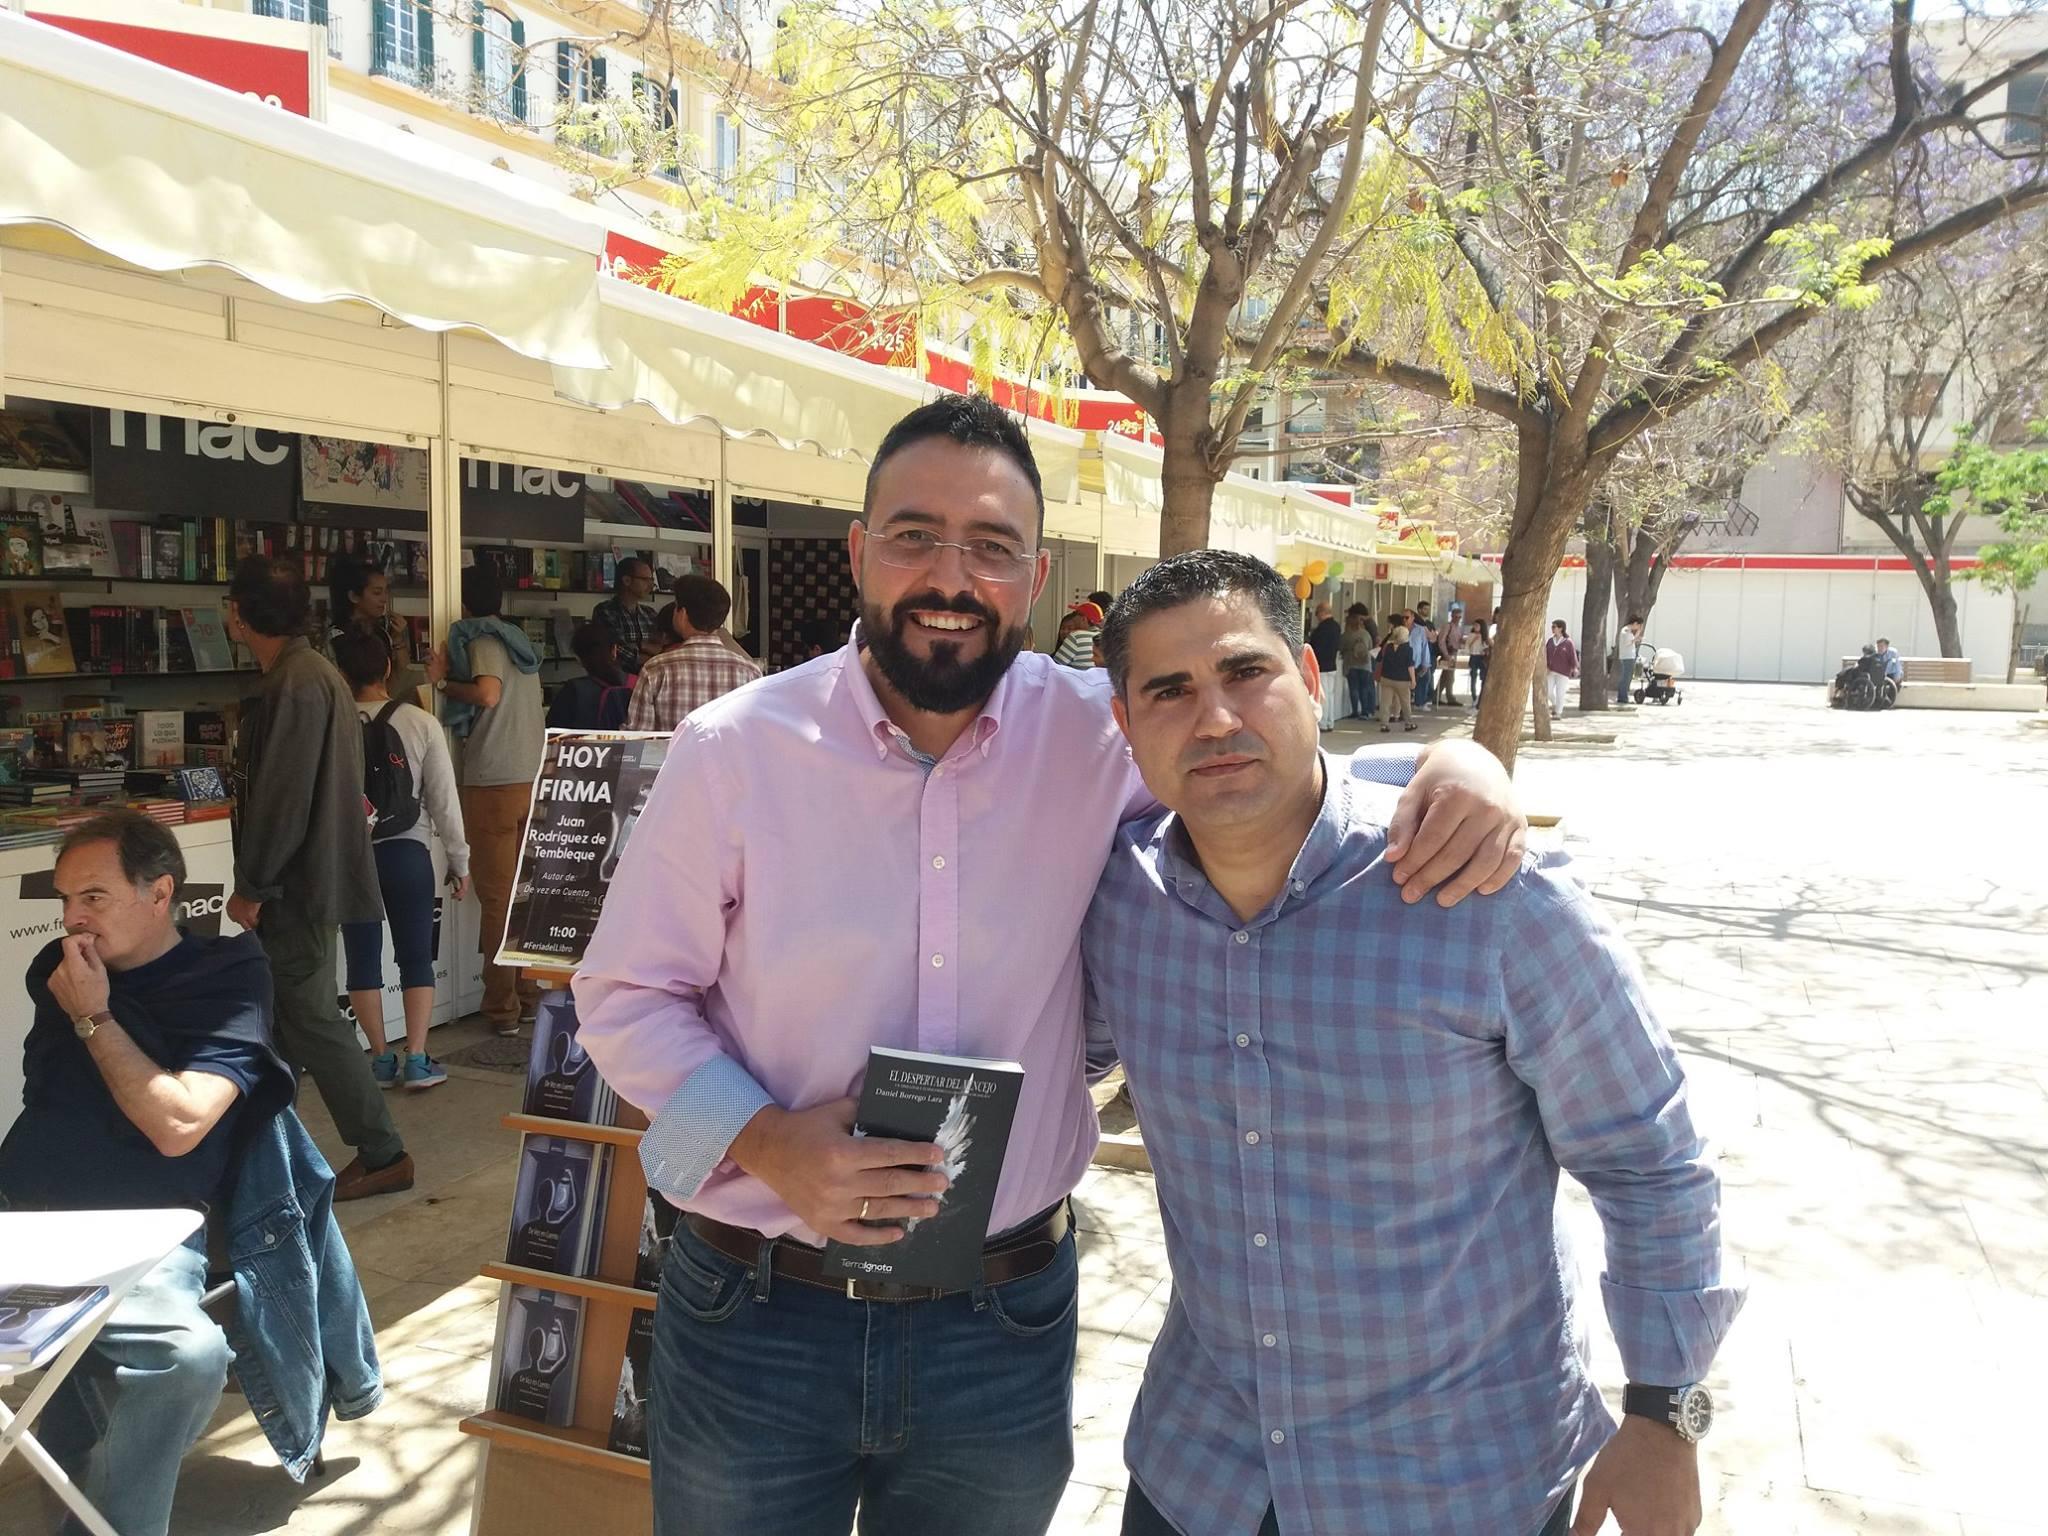 Publicar-un-libro-editar-Madrid-Barcelona-cataluña-españa-català-Andalucia-coedicion-autoedicion-cine-literatura-daniel-borrego-el-despertar-del-vencejo-feria-del-libro-3